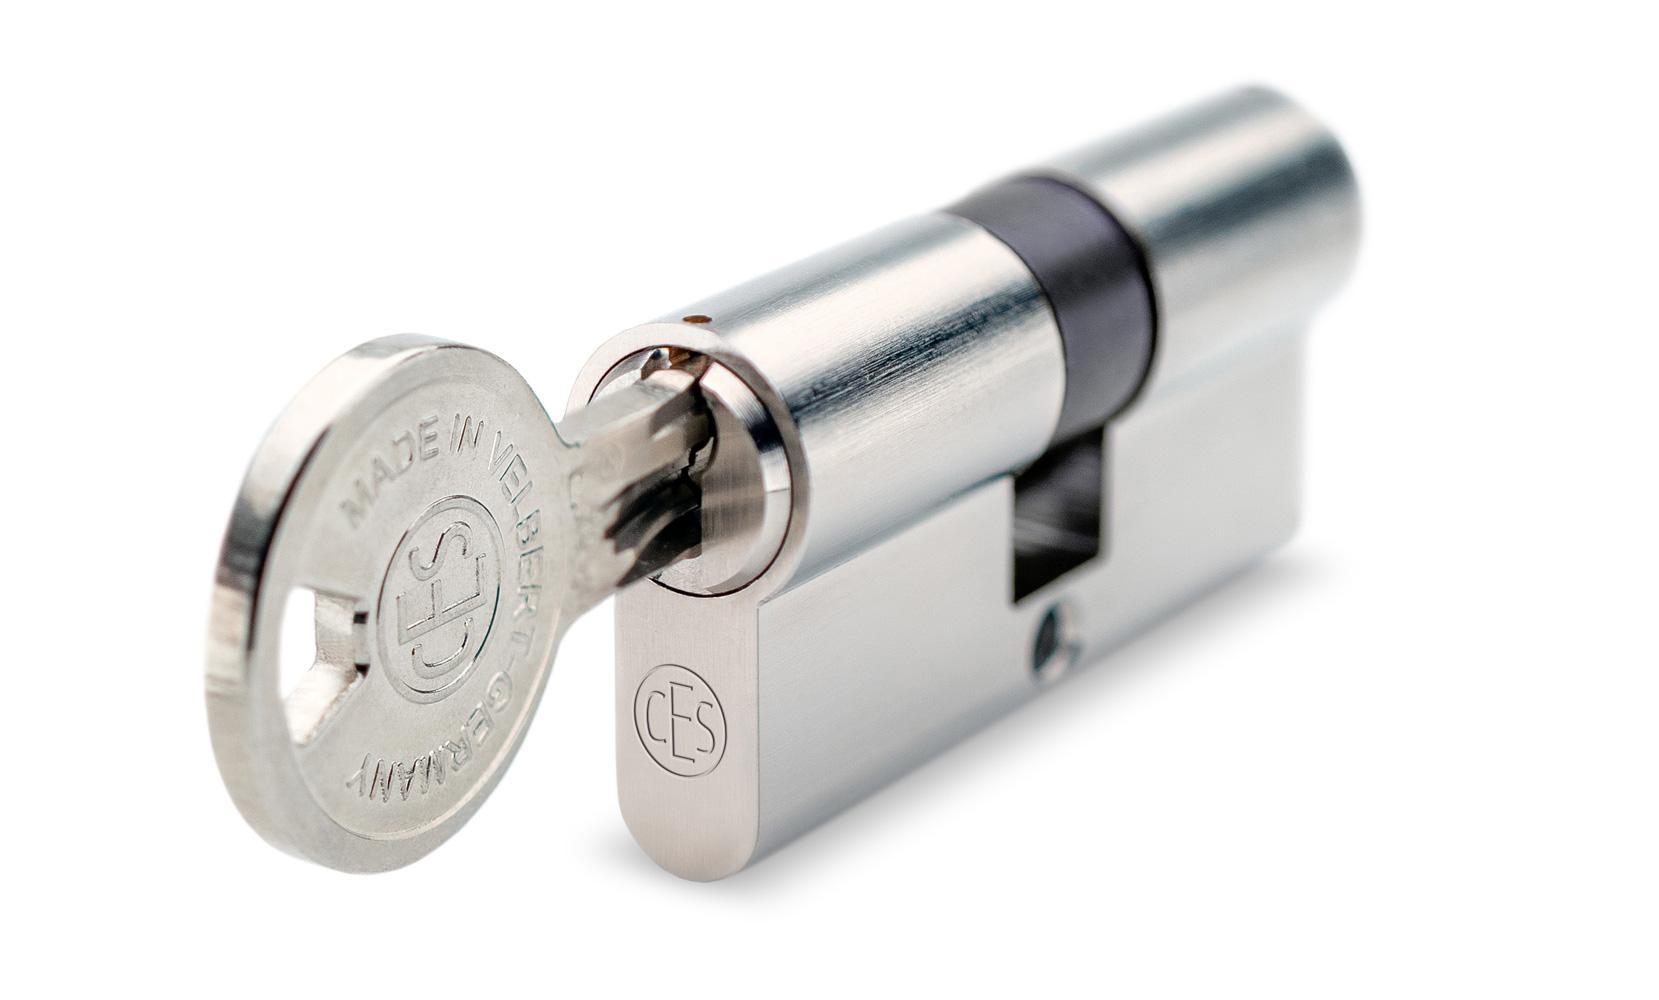 Konventioneller CES Sicherheitszylinder